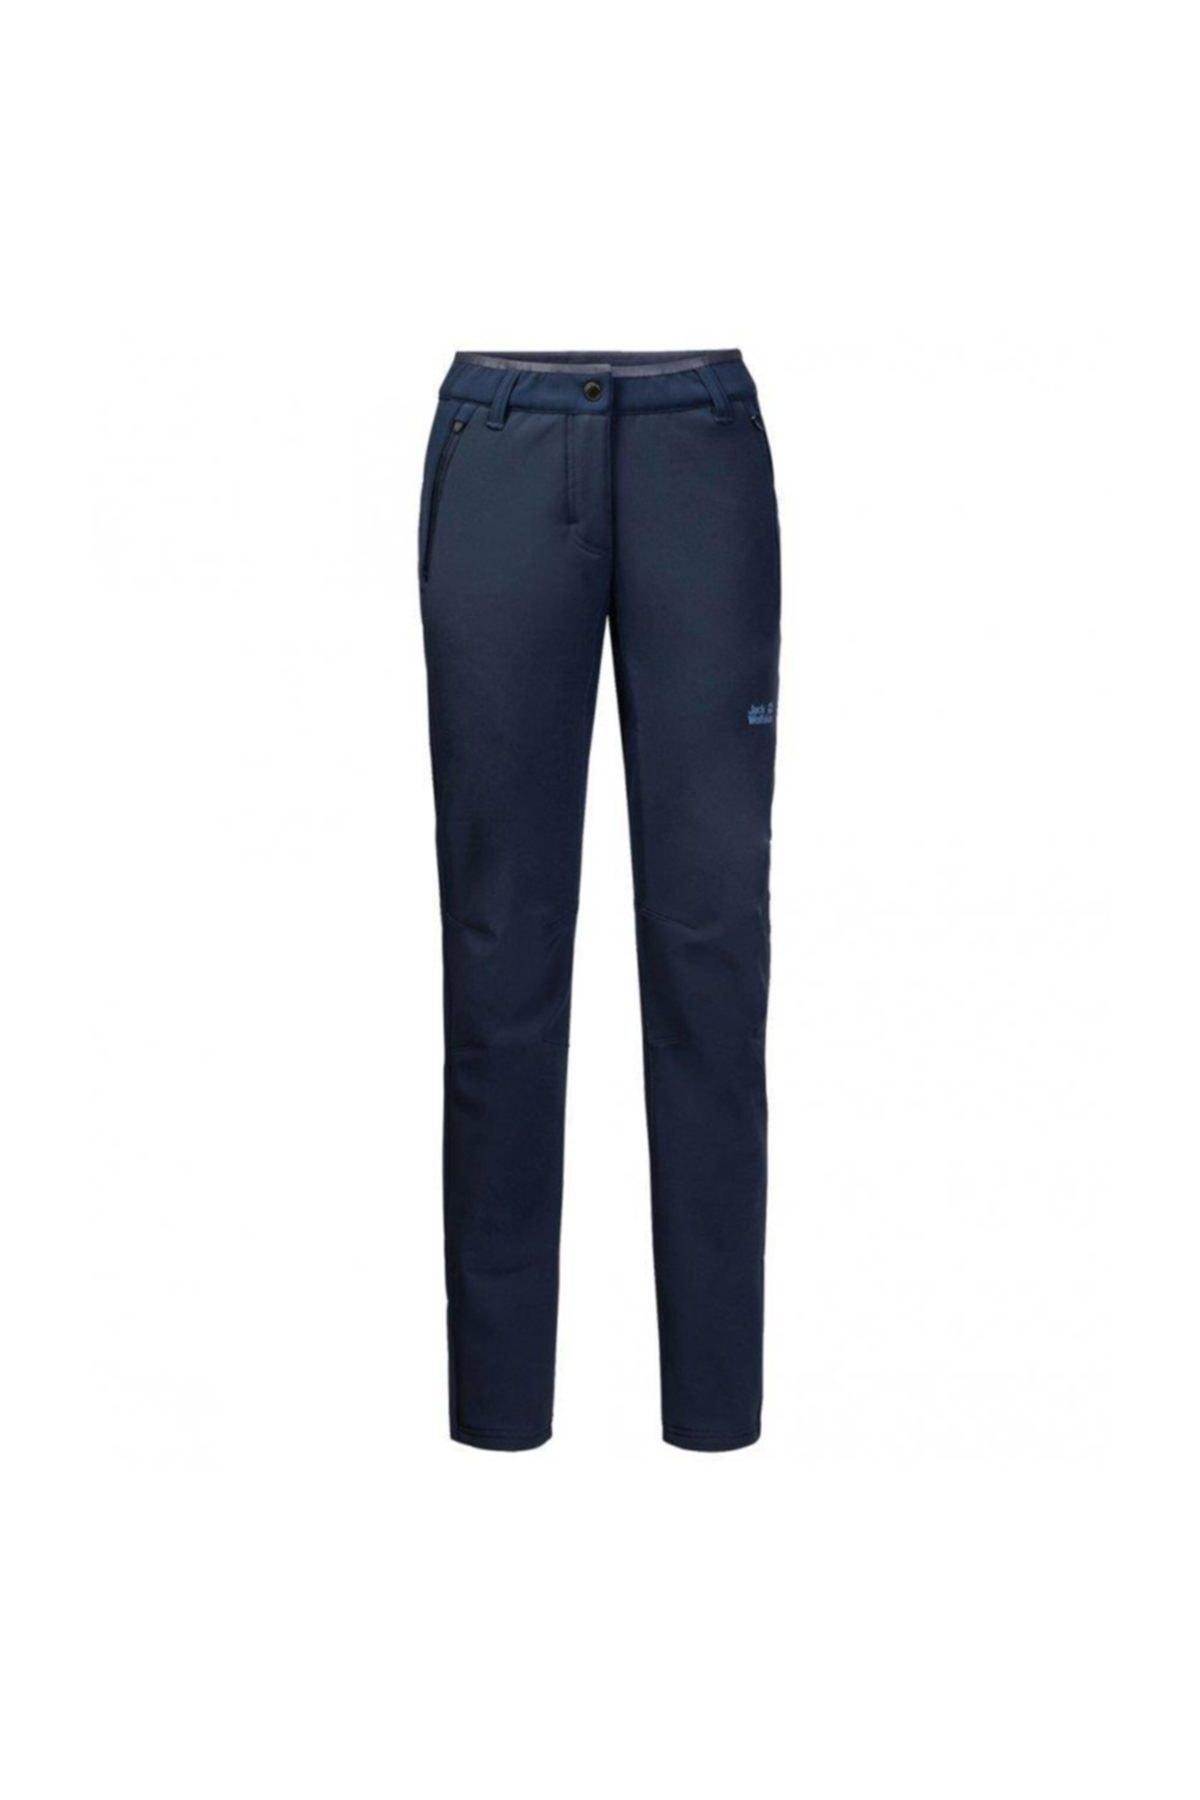 Jack Wolfskin Zenon Softshell Pants Kadın Pantolon - 1505111-1910 1